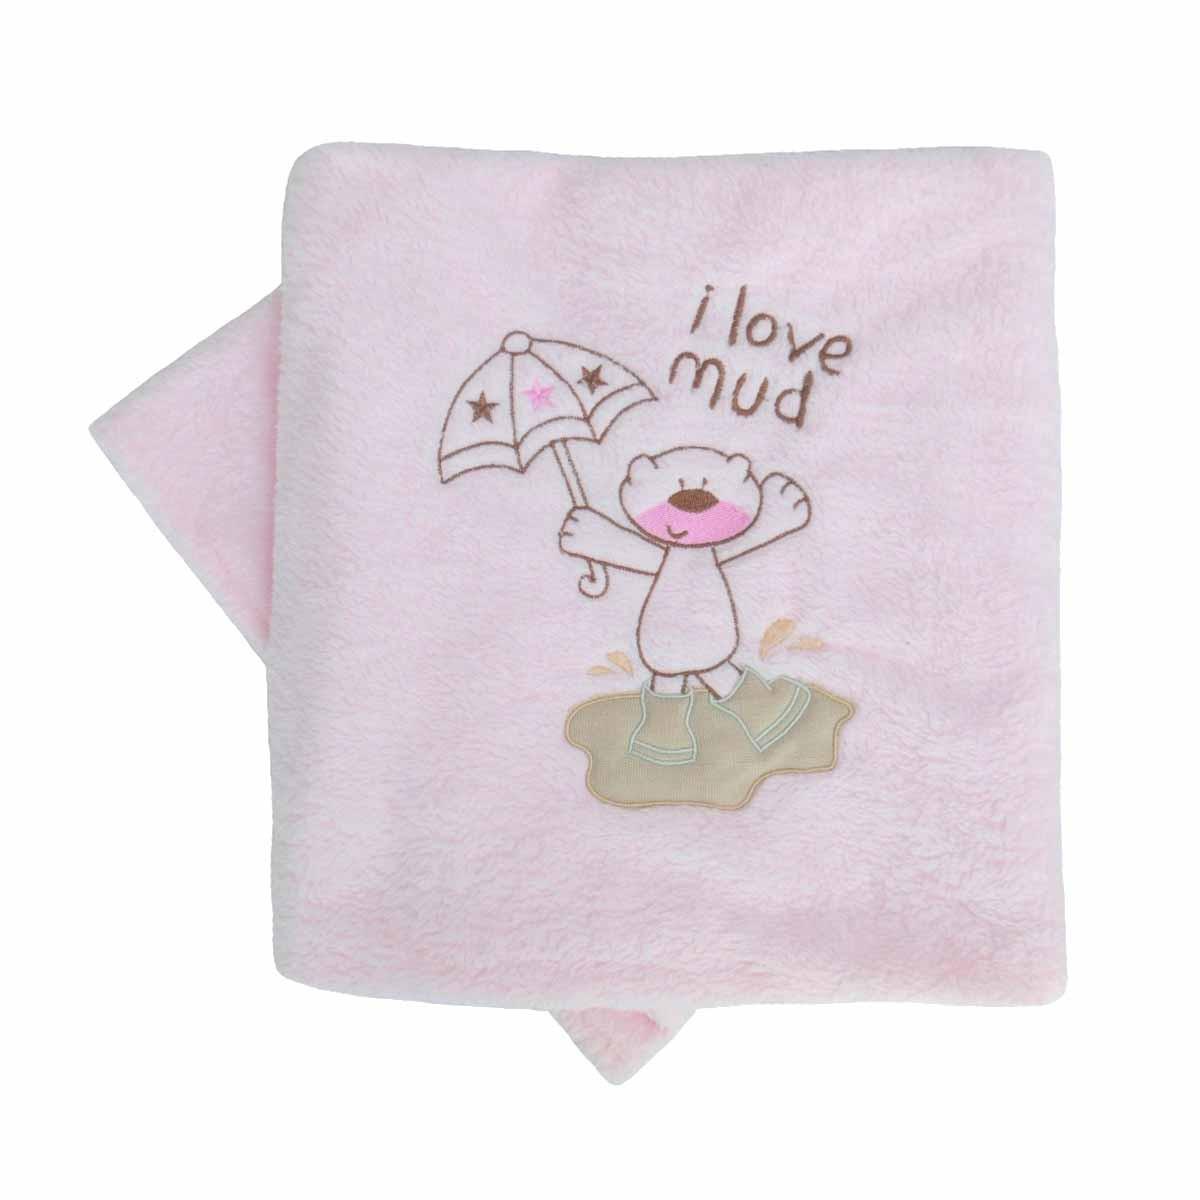 Κουβέρτα Fleece Αγκαλιάς Κόσμος Του Μωρού 0060 Mud Ροζ